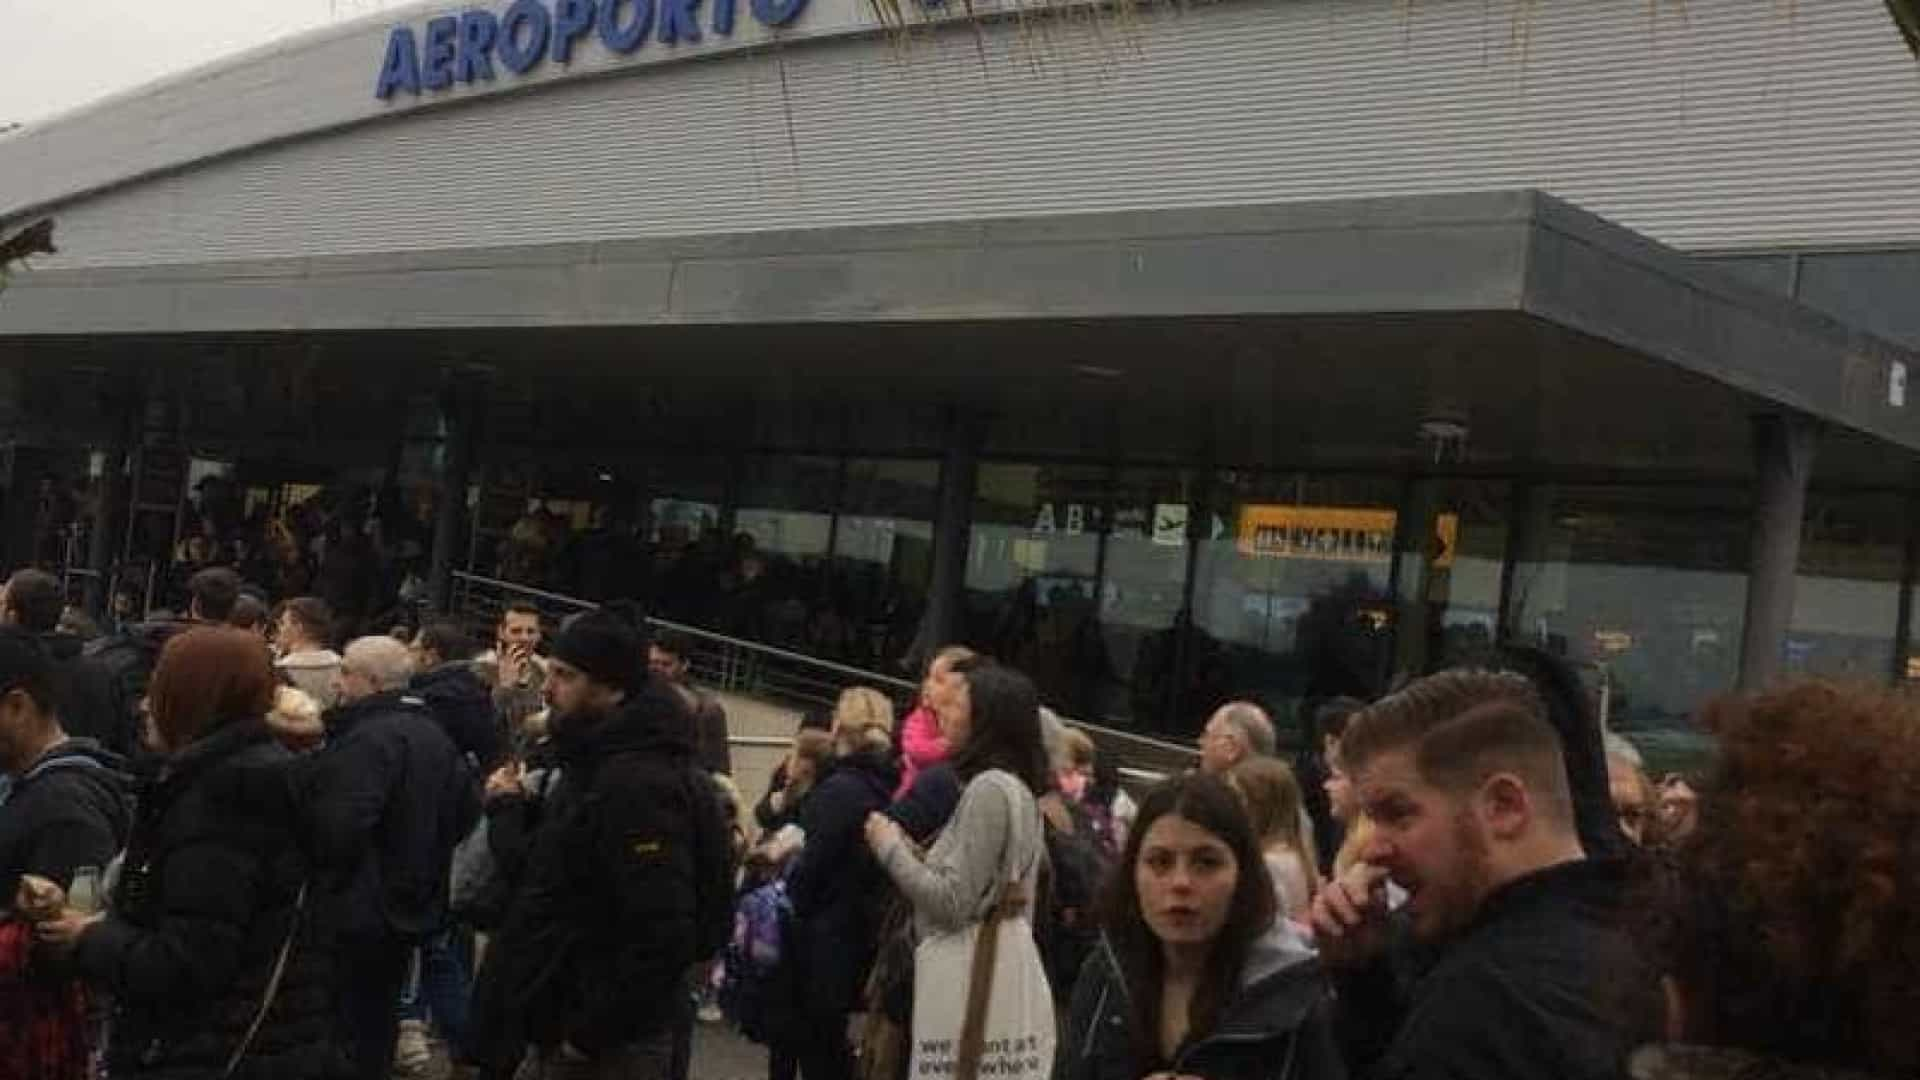 Aeroporto de Roma é evacuado e fechado por causa de incêndio